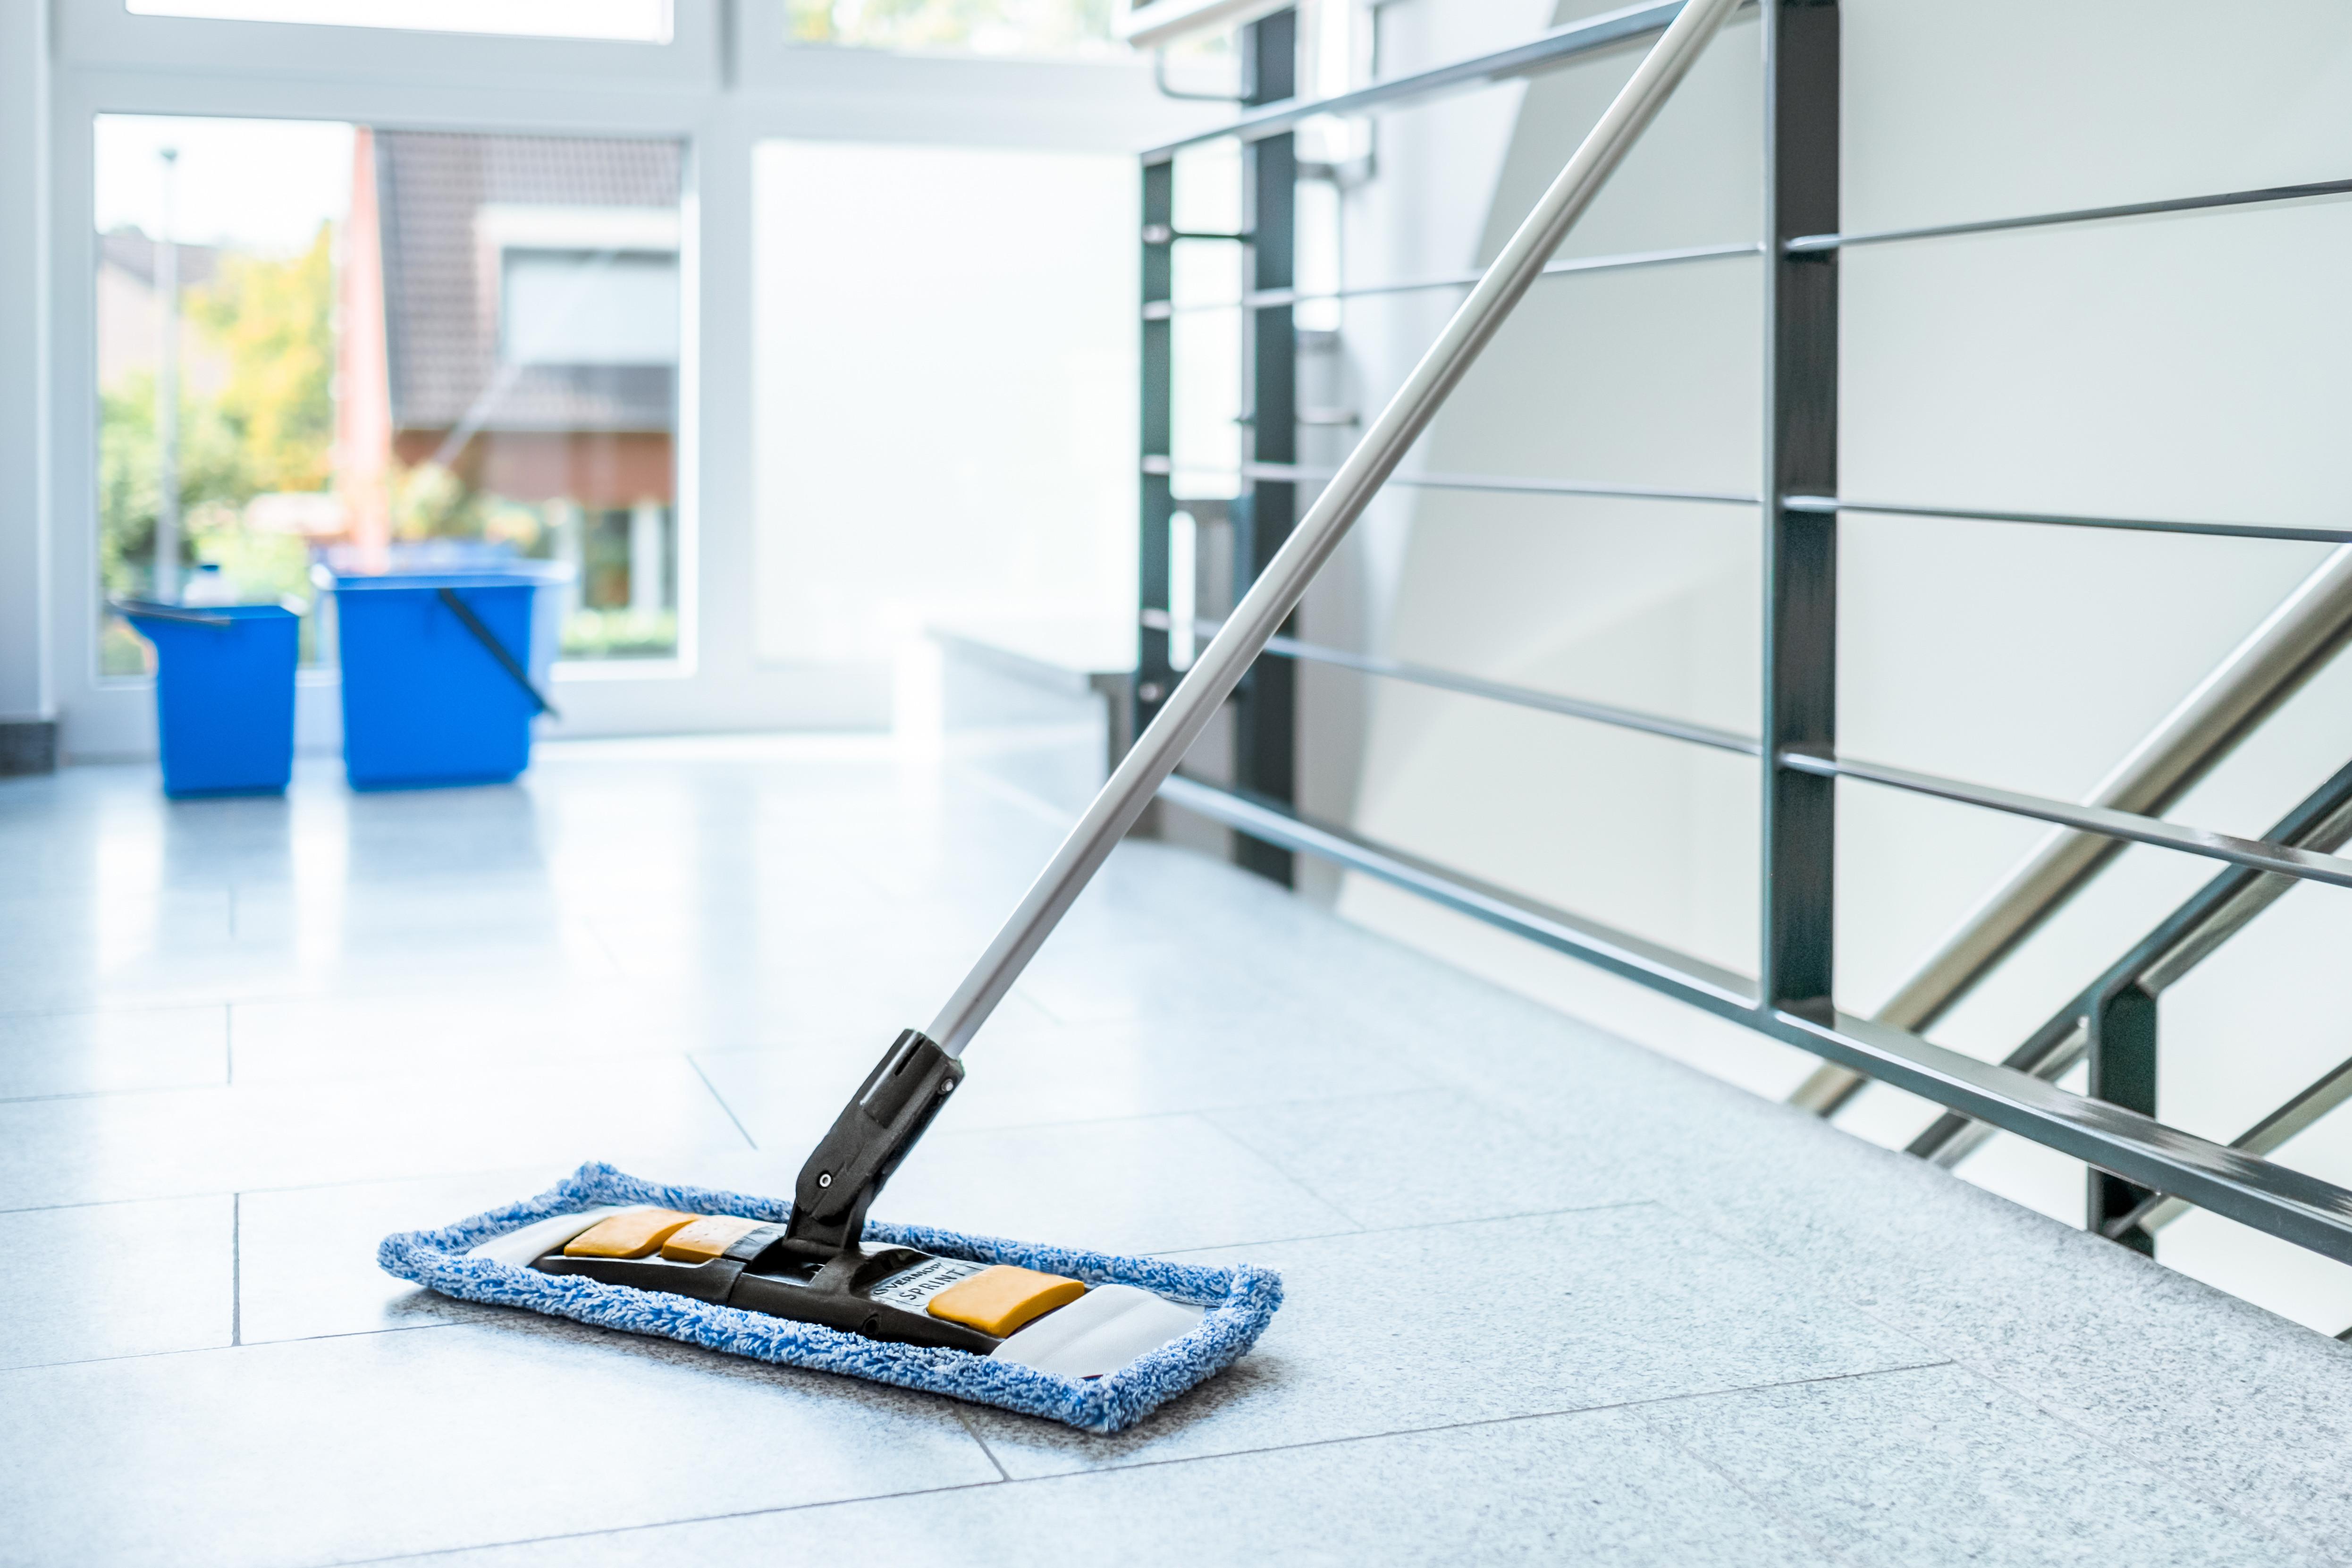 Hausbesorger- und Reinigungsdienst